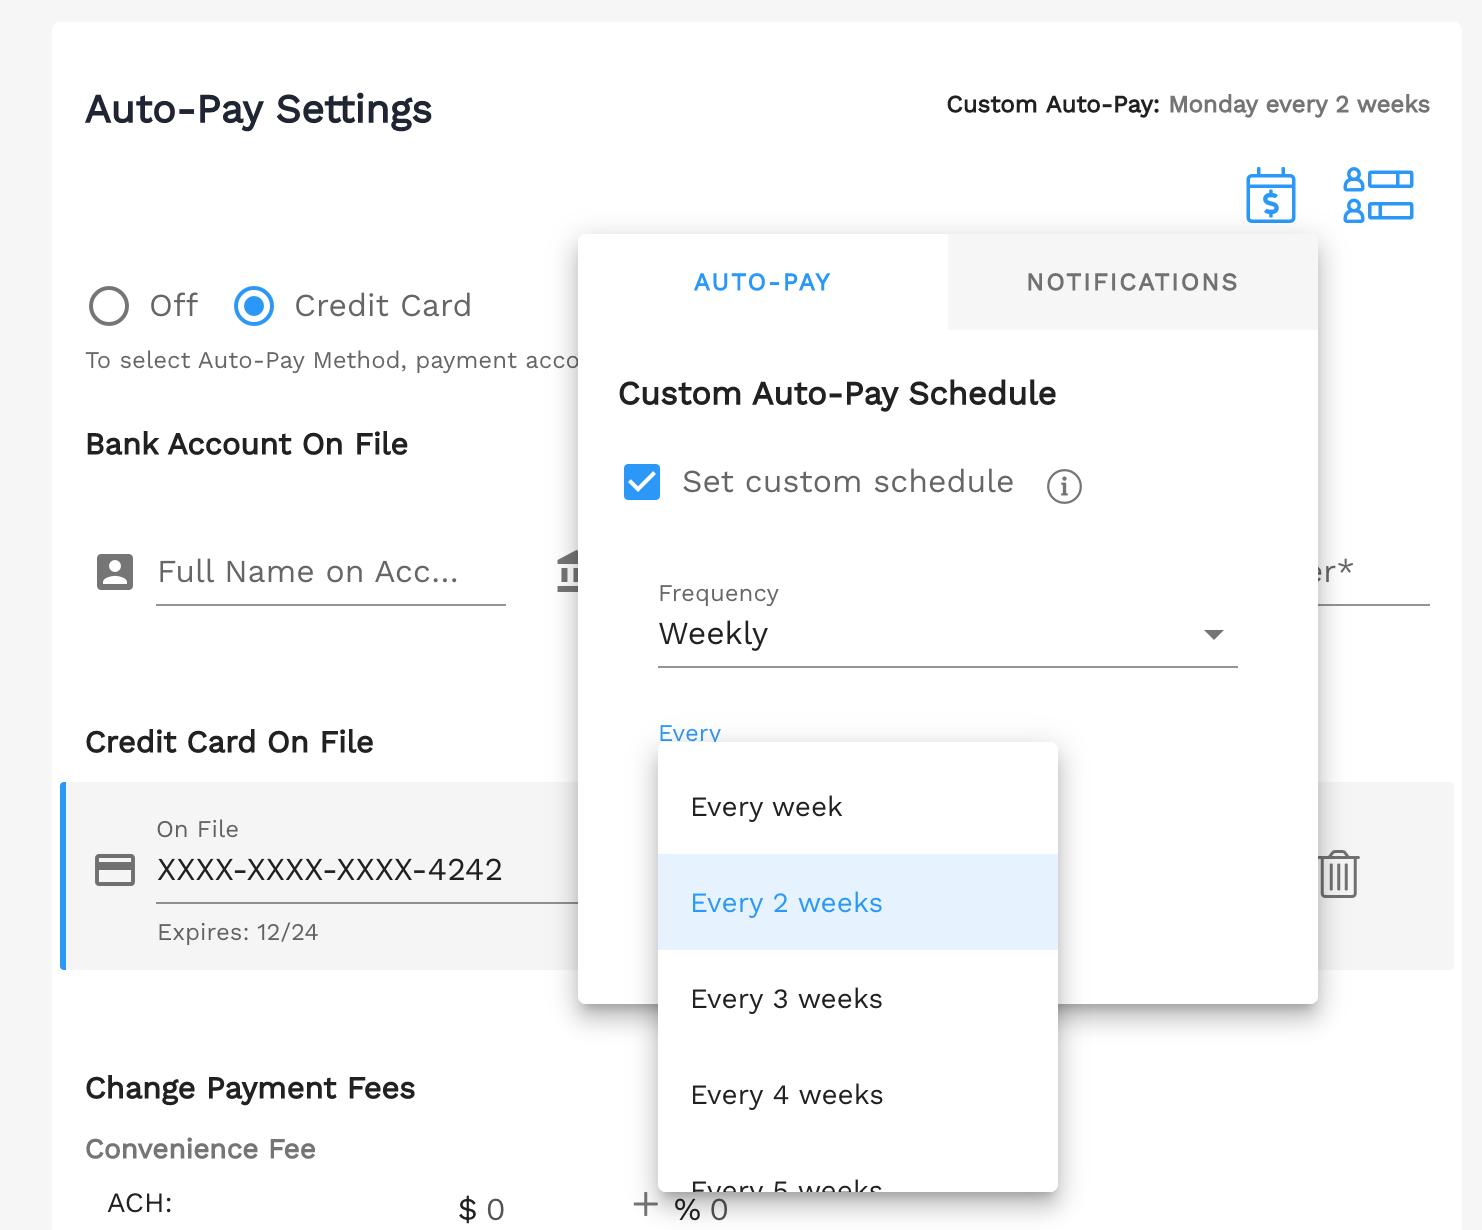 Set a custom auto-pay schedule in Enrollsy